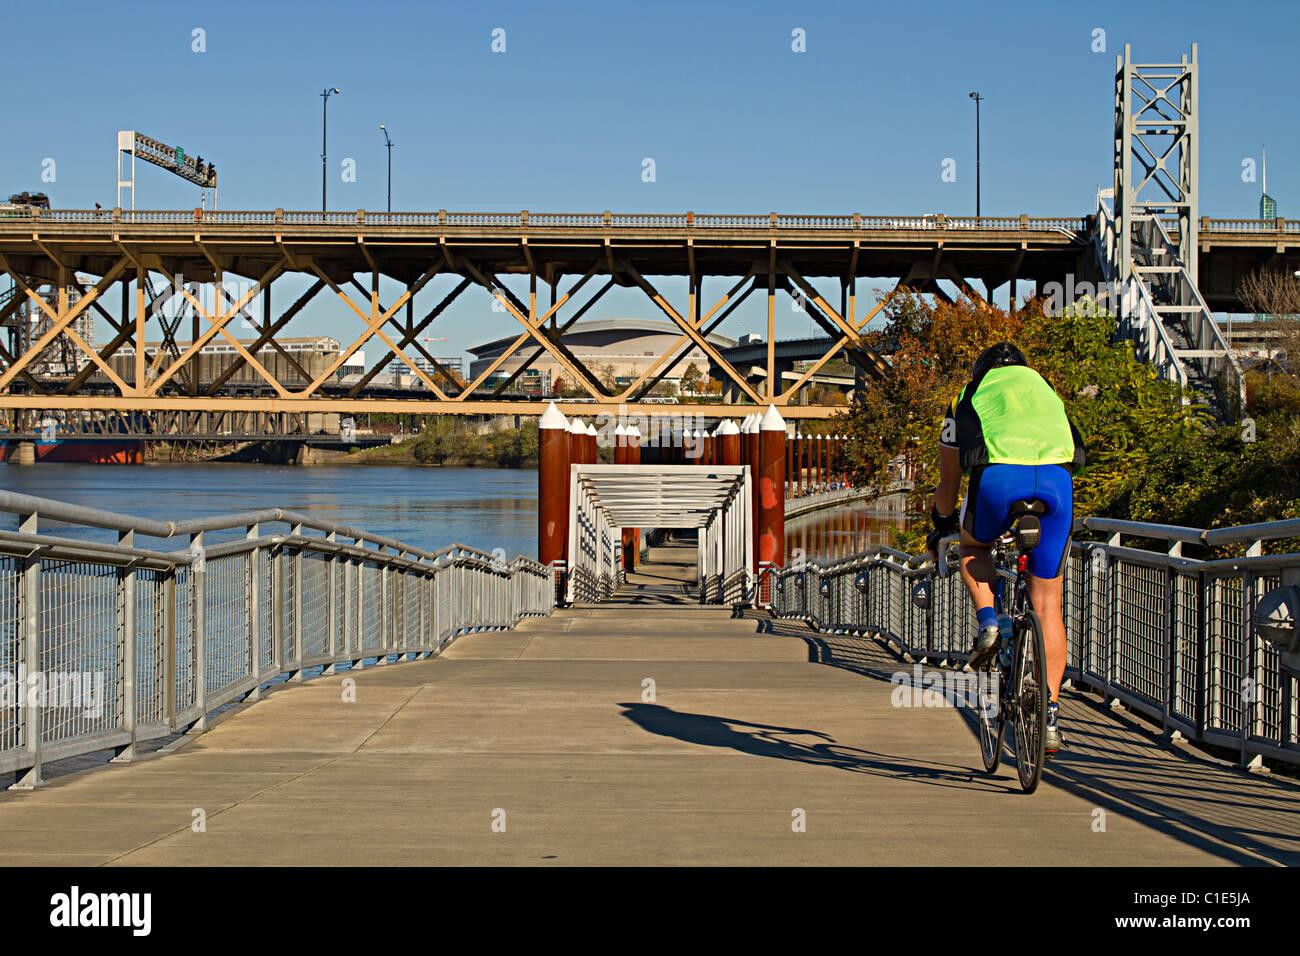 Generico non identificabili ciclista Bicicletta Equitazione lungo il fiume Willamette Portland Oregon Immagini Stock